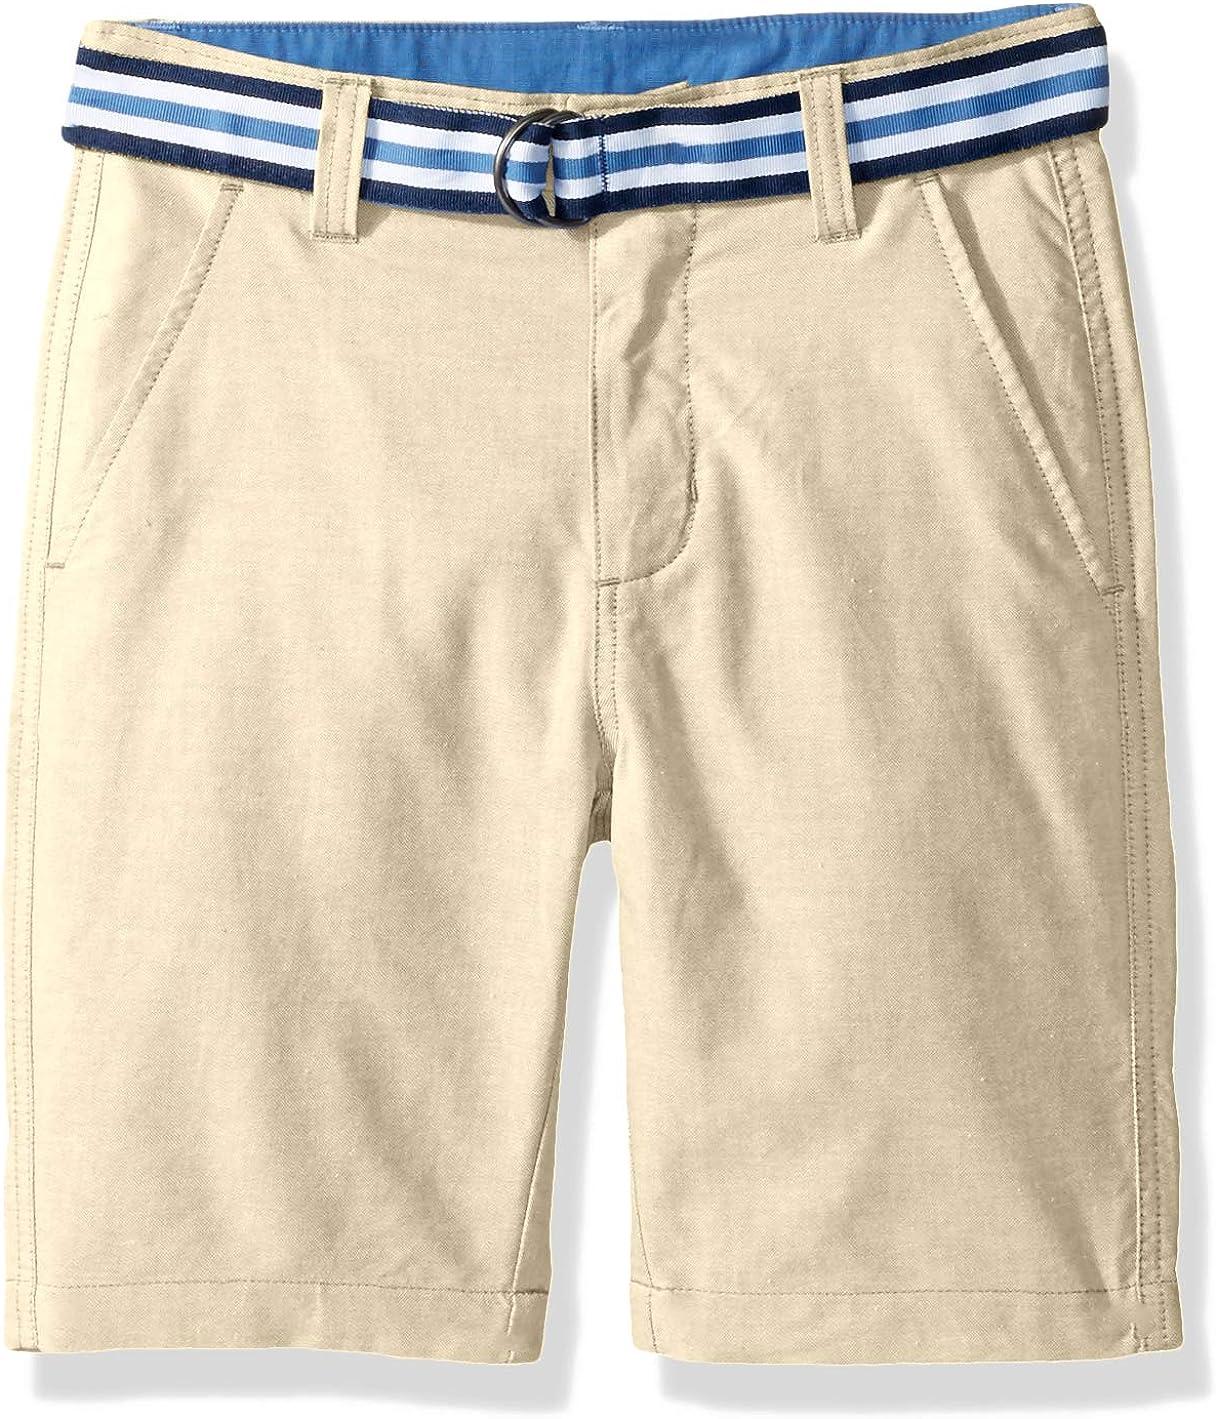 IZOD Boys' Belted Short